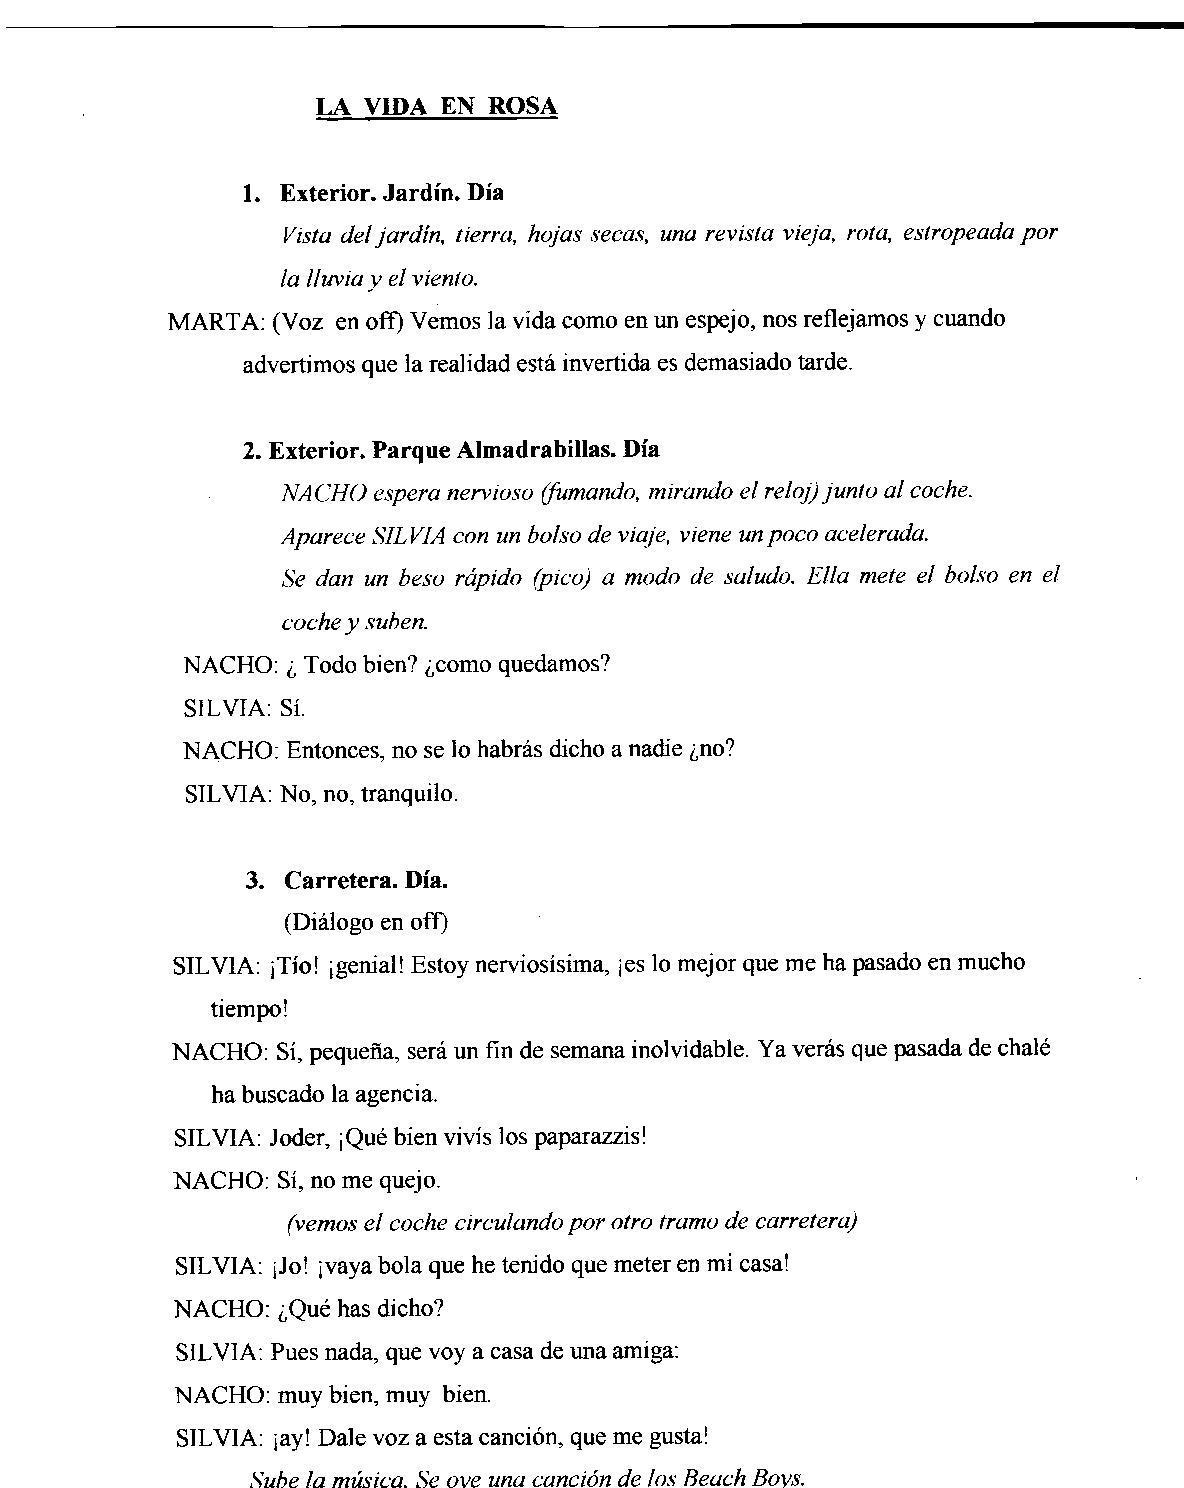 Letras y otras artes: Cortometraje: u0026quot;La vida en rosau0026quot;